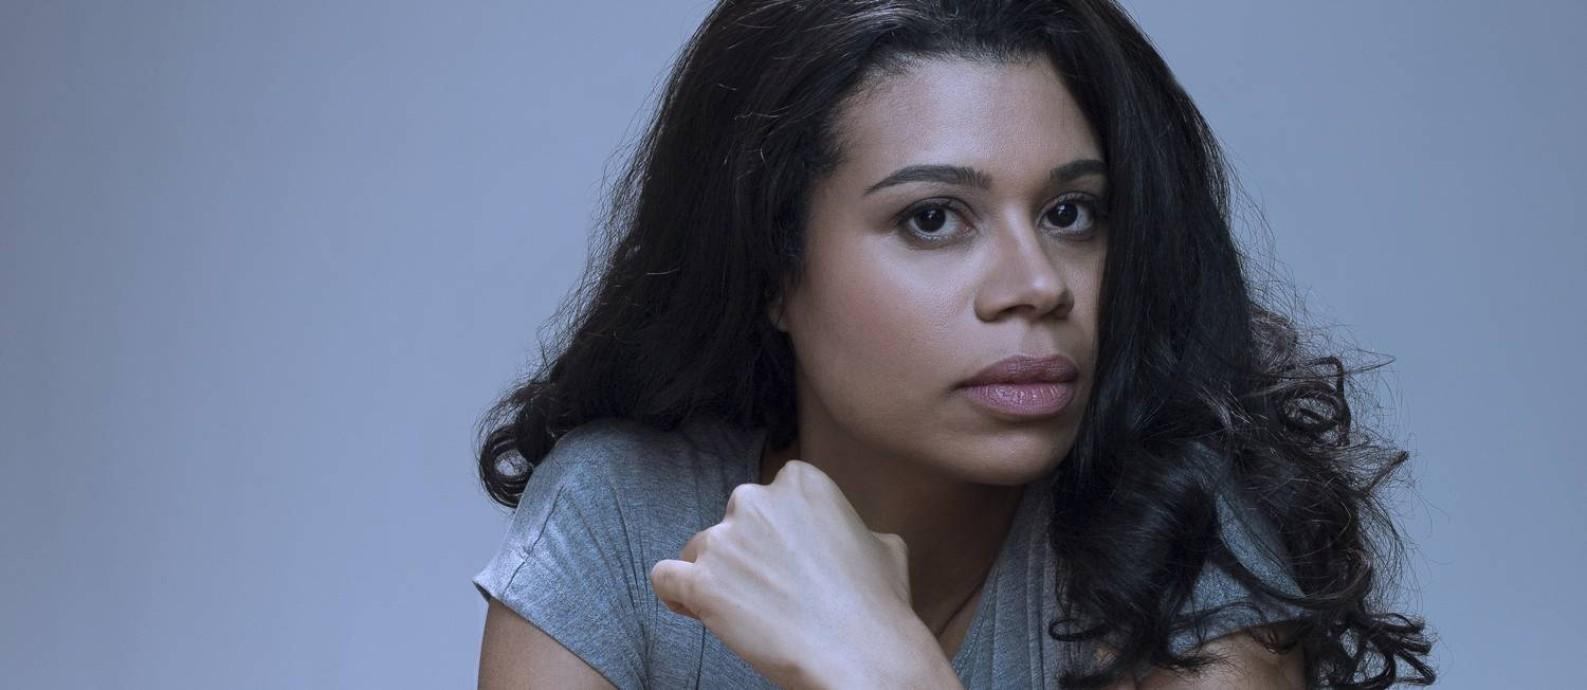 Ana Paula Maia: autora estreia pela Companhia das Letras co romance Foto: Rafael Dabul/Divulgaçao